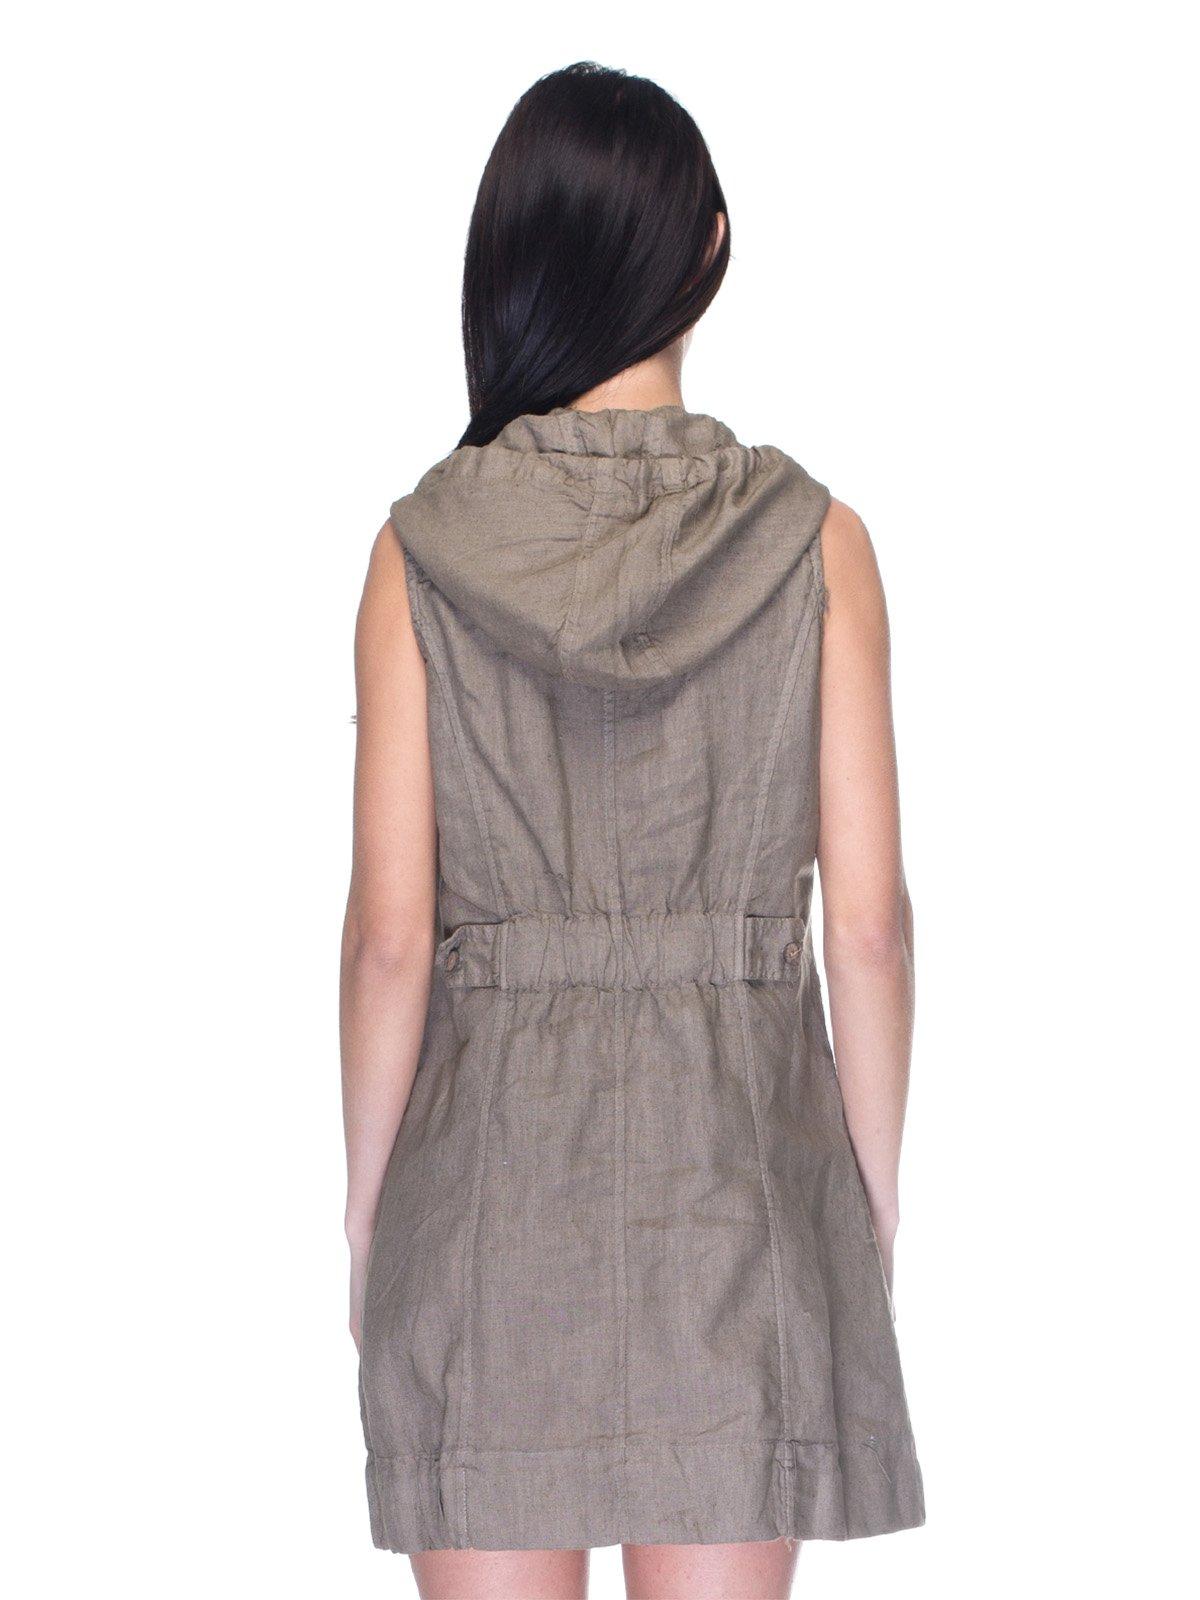 Платье коричневое   3131030   фото 2